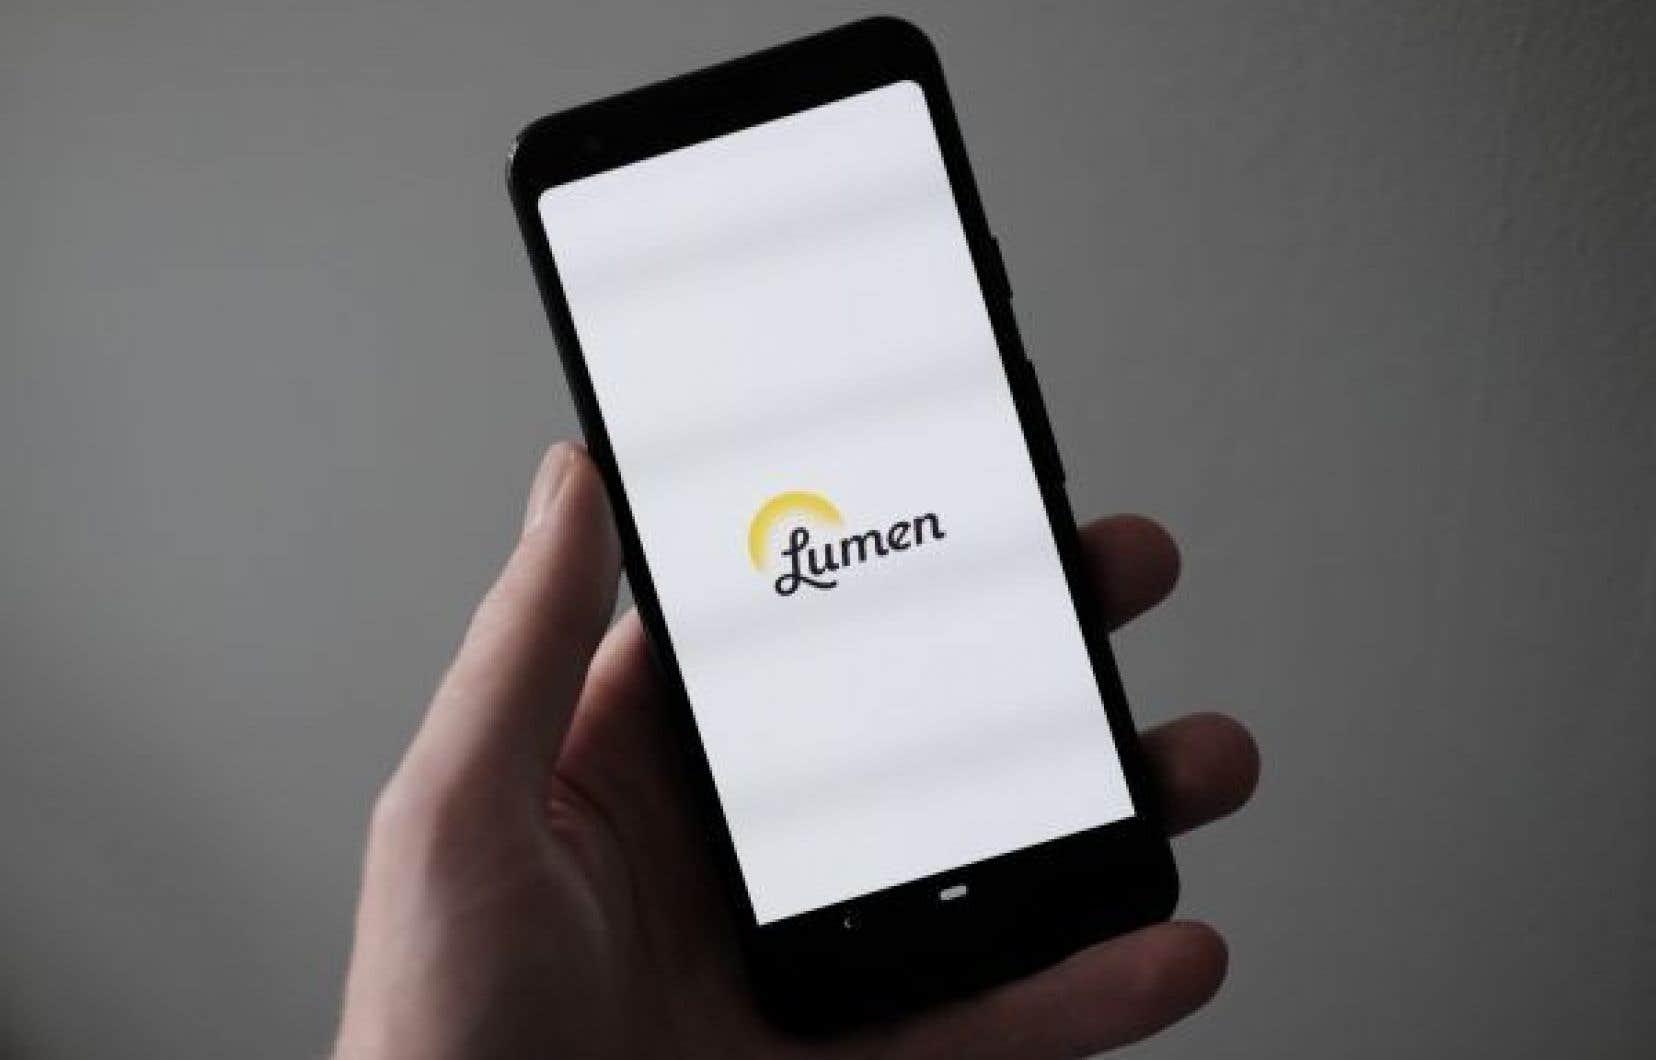 Les personnes de plus de 50ans constituent le public cible de Lumen.